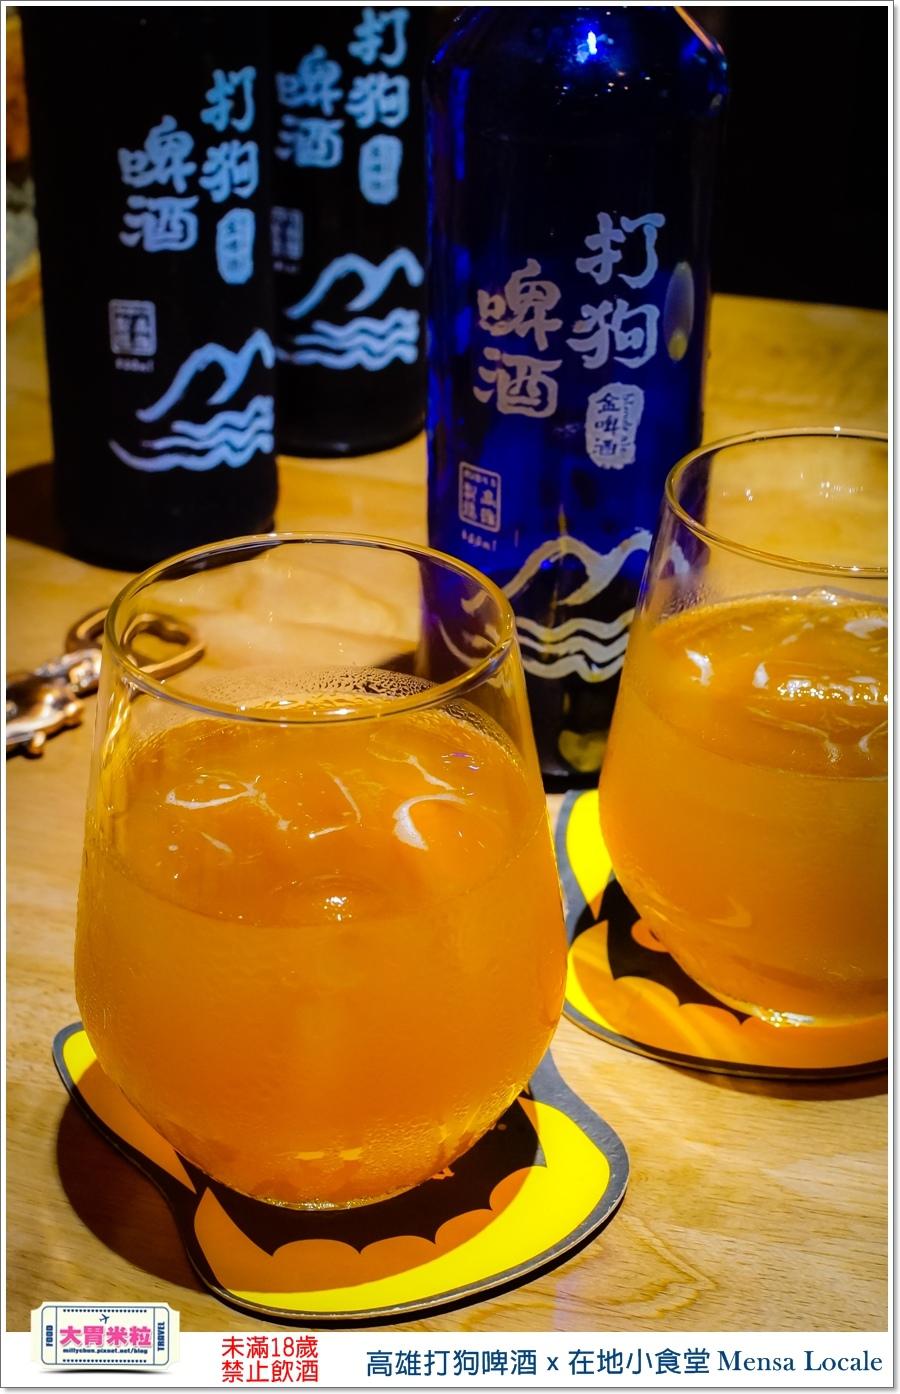 高雄打狗啤酒x在地小食堂Mensa Locale@大胃米粒00059.jpg